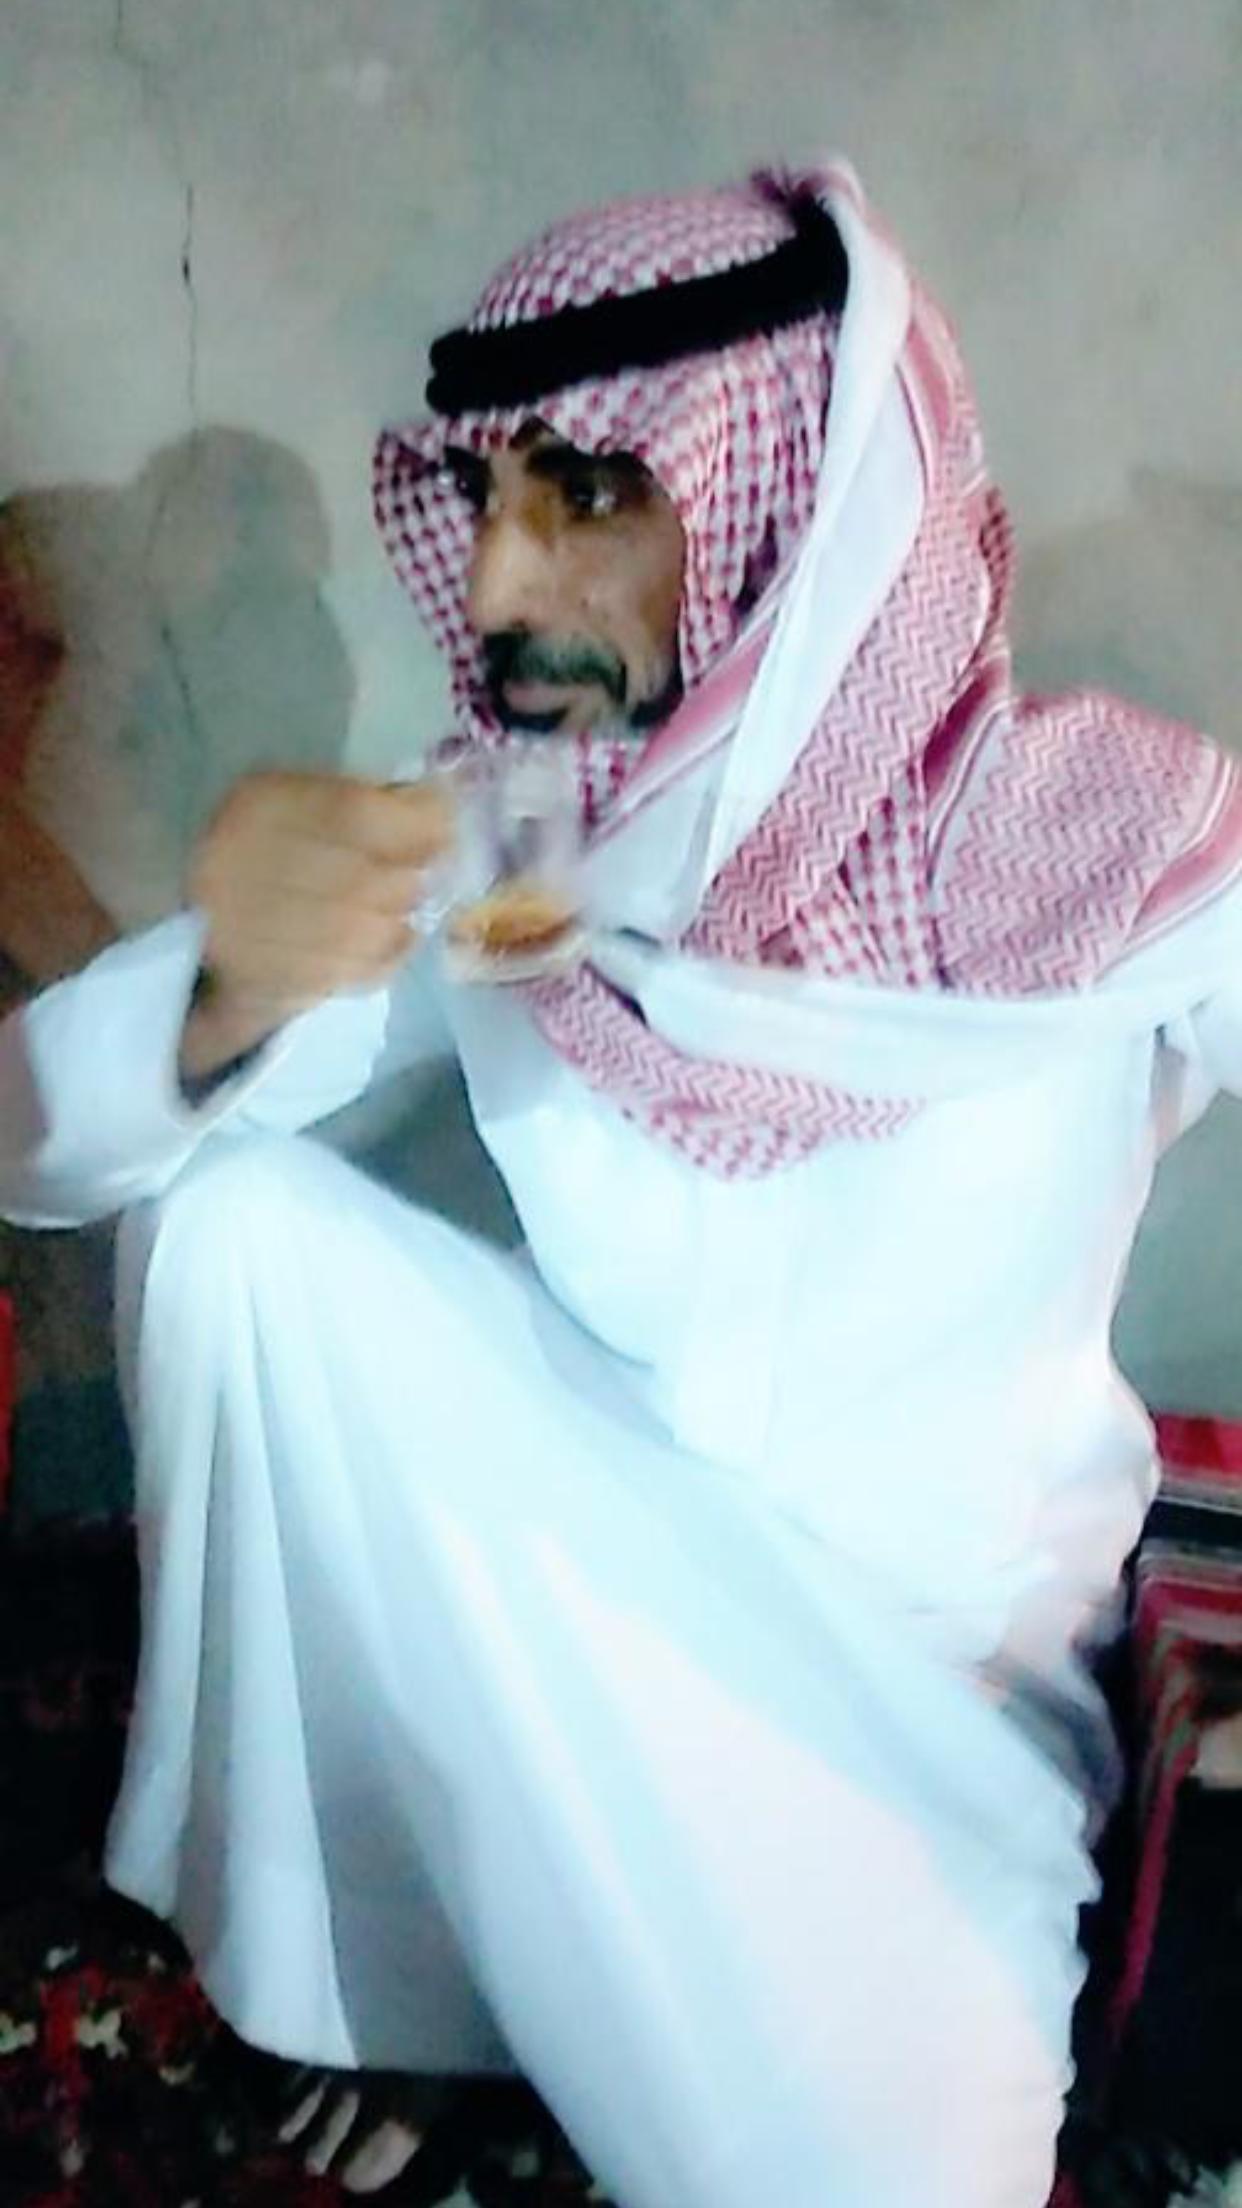 الشاب / حمدان فرج الجحم البلوي يحتفل بزواجه F324A456 45D2 43BC 8093 432155658B4F